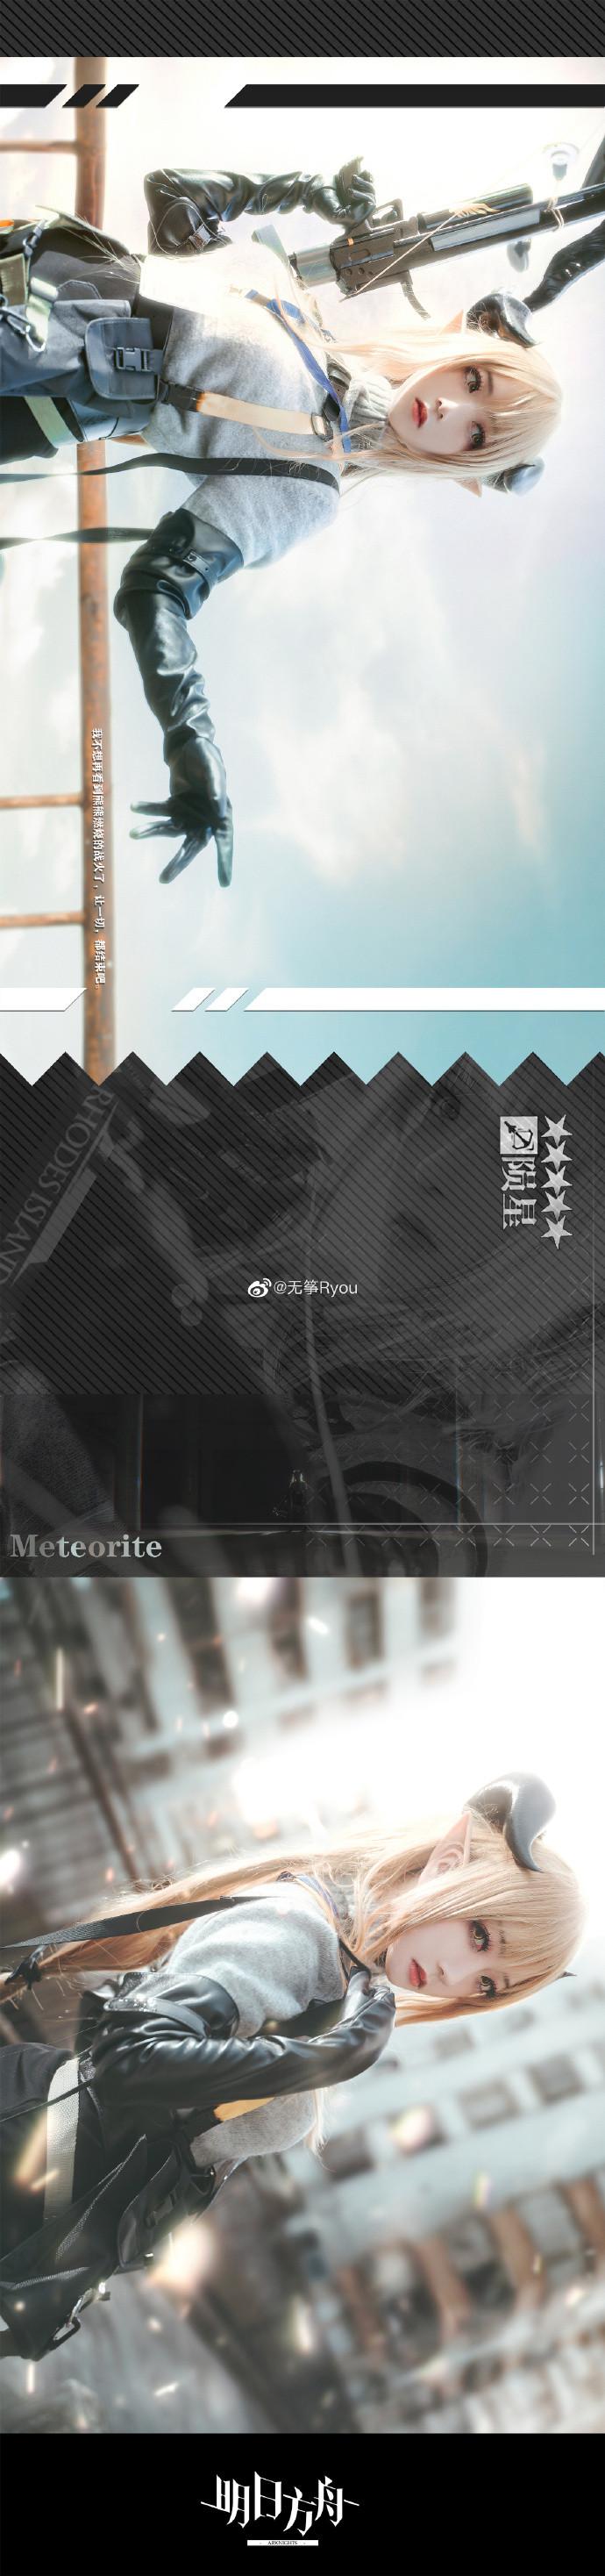 明日方舟cos陨星正片生日贺片-C3动漫网